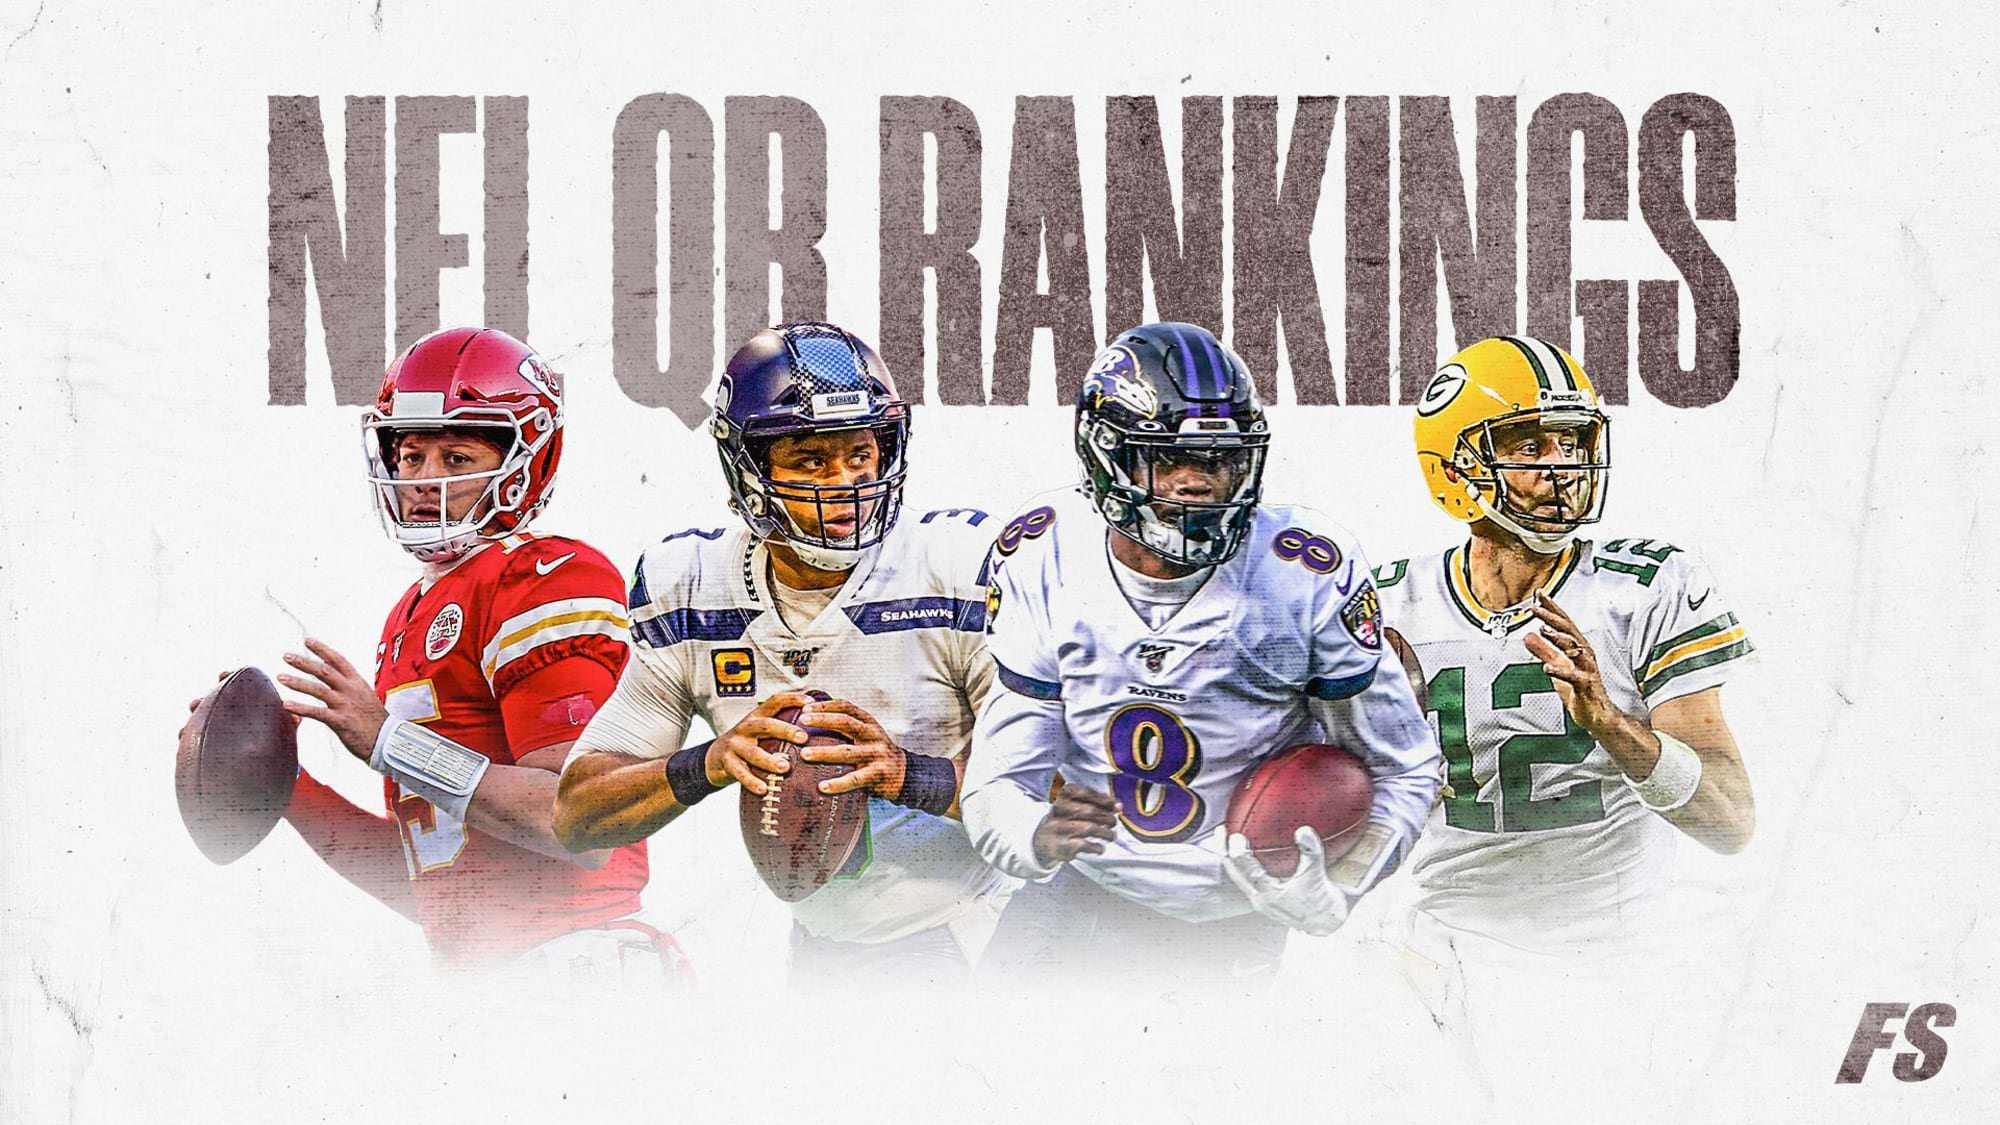 Classificação de quarterback da NFL, Semana 11: Ben Roethlisberger ganha vida